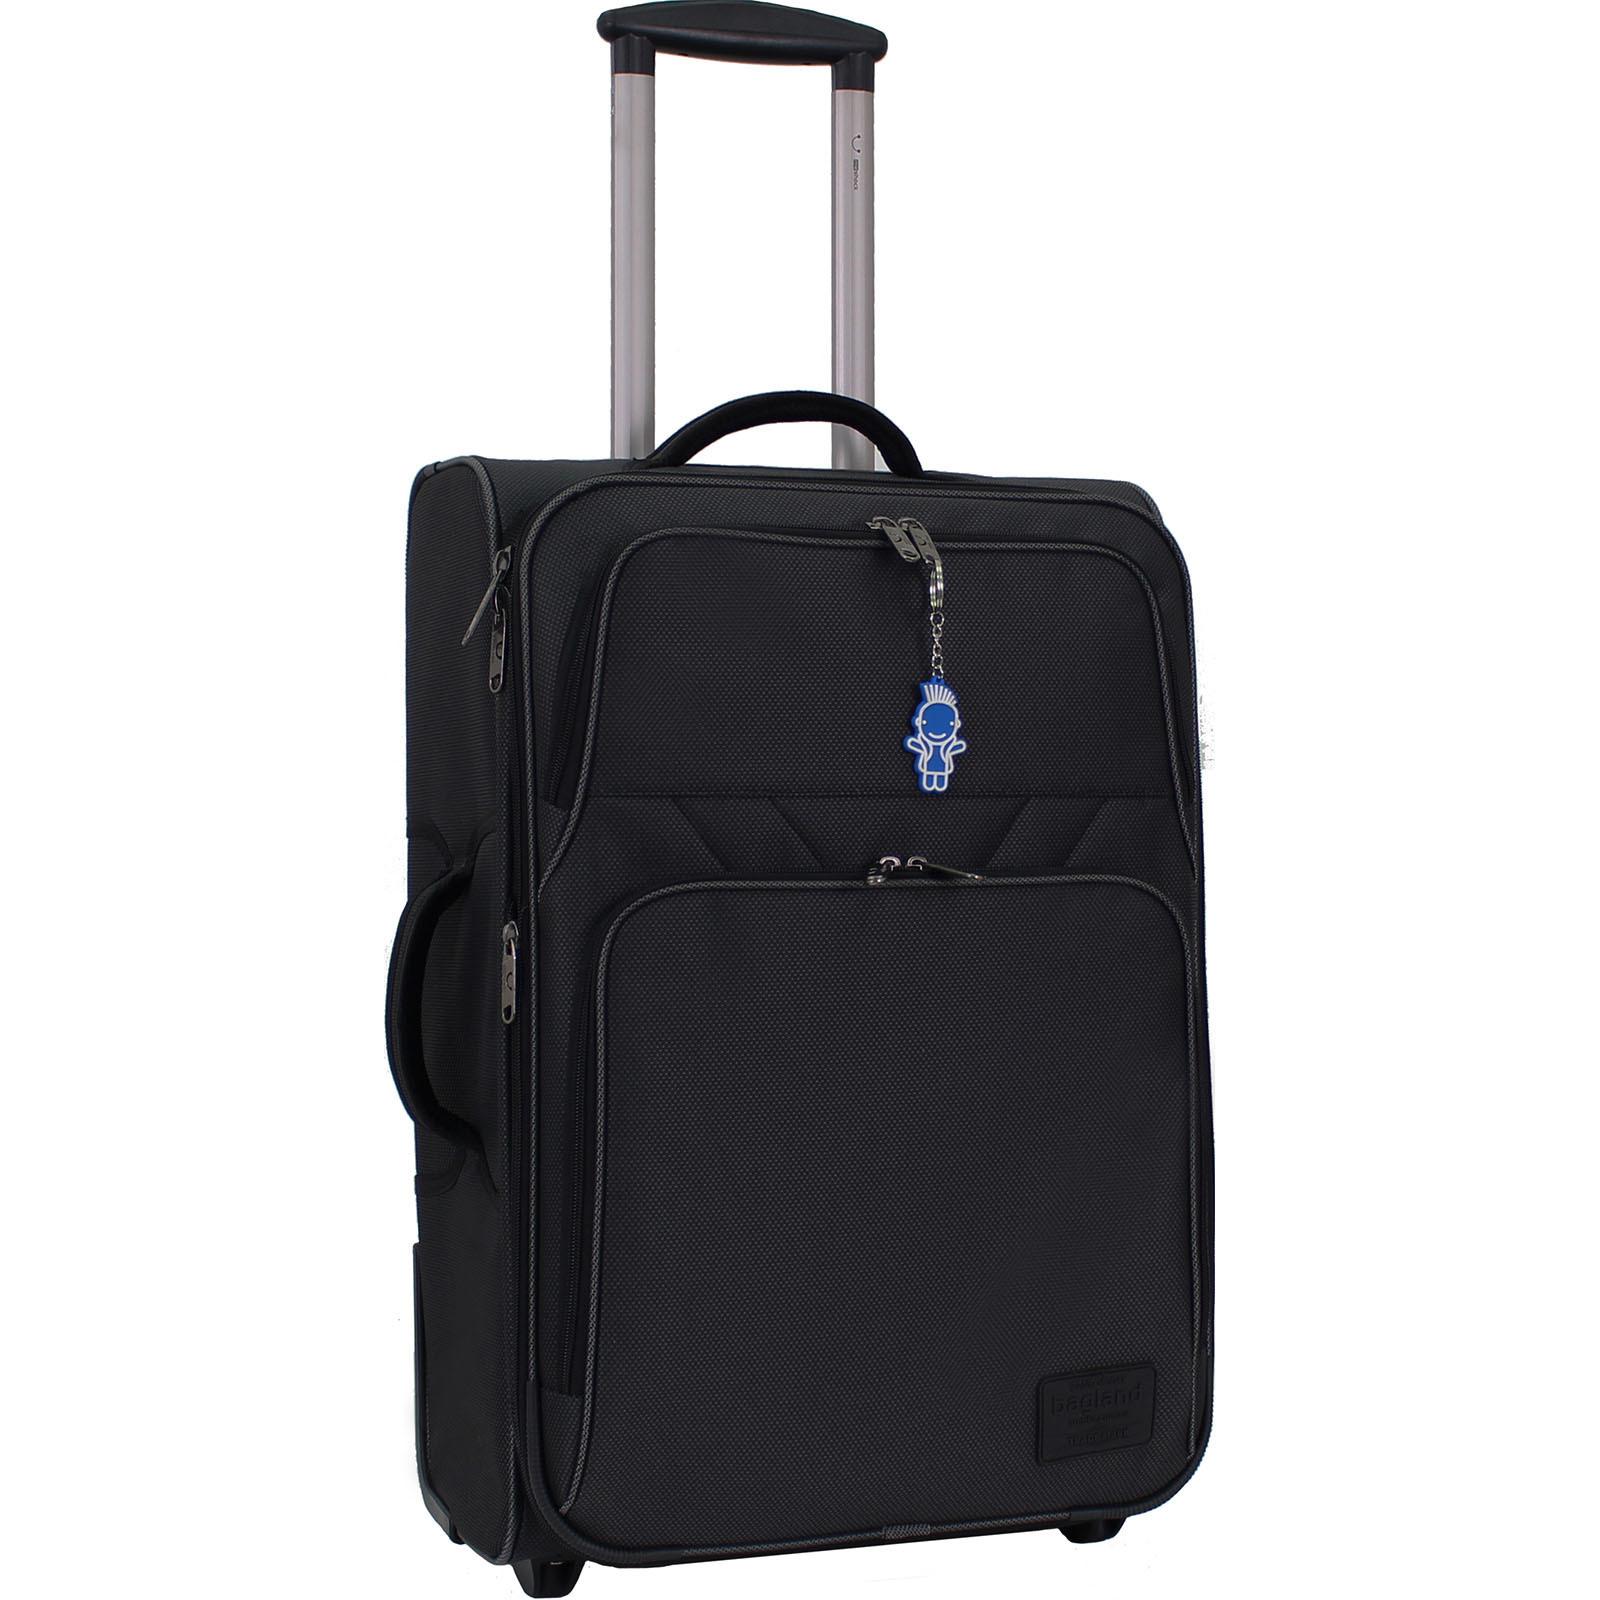 Дорожные чемоданы Чемодан Bagland Леон средний 51 л. Чёрный (0037616924) IMG_1814.JPG